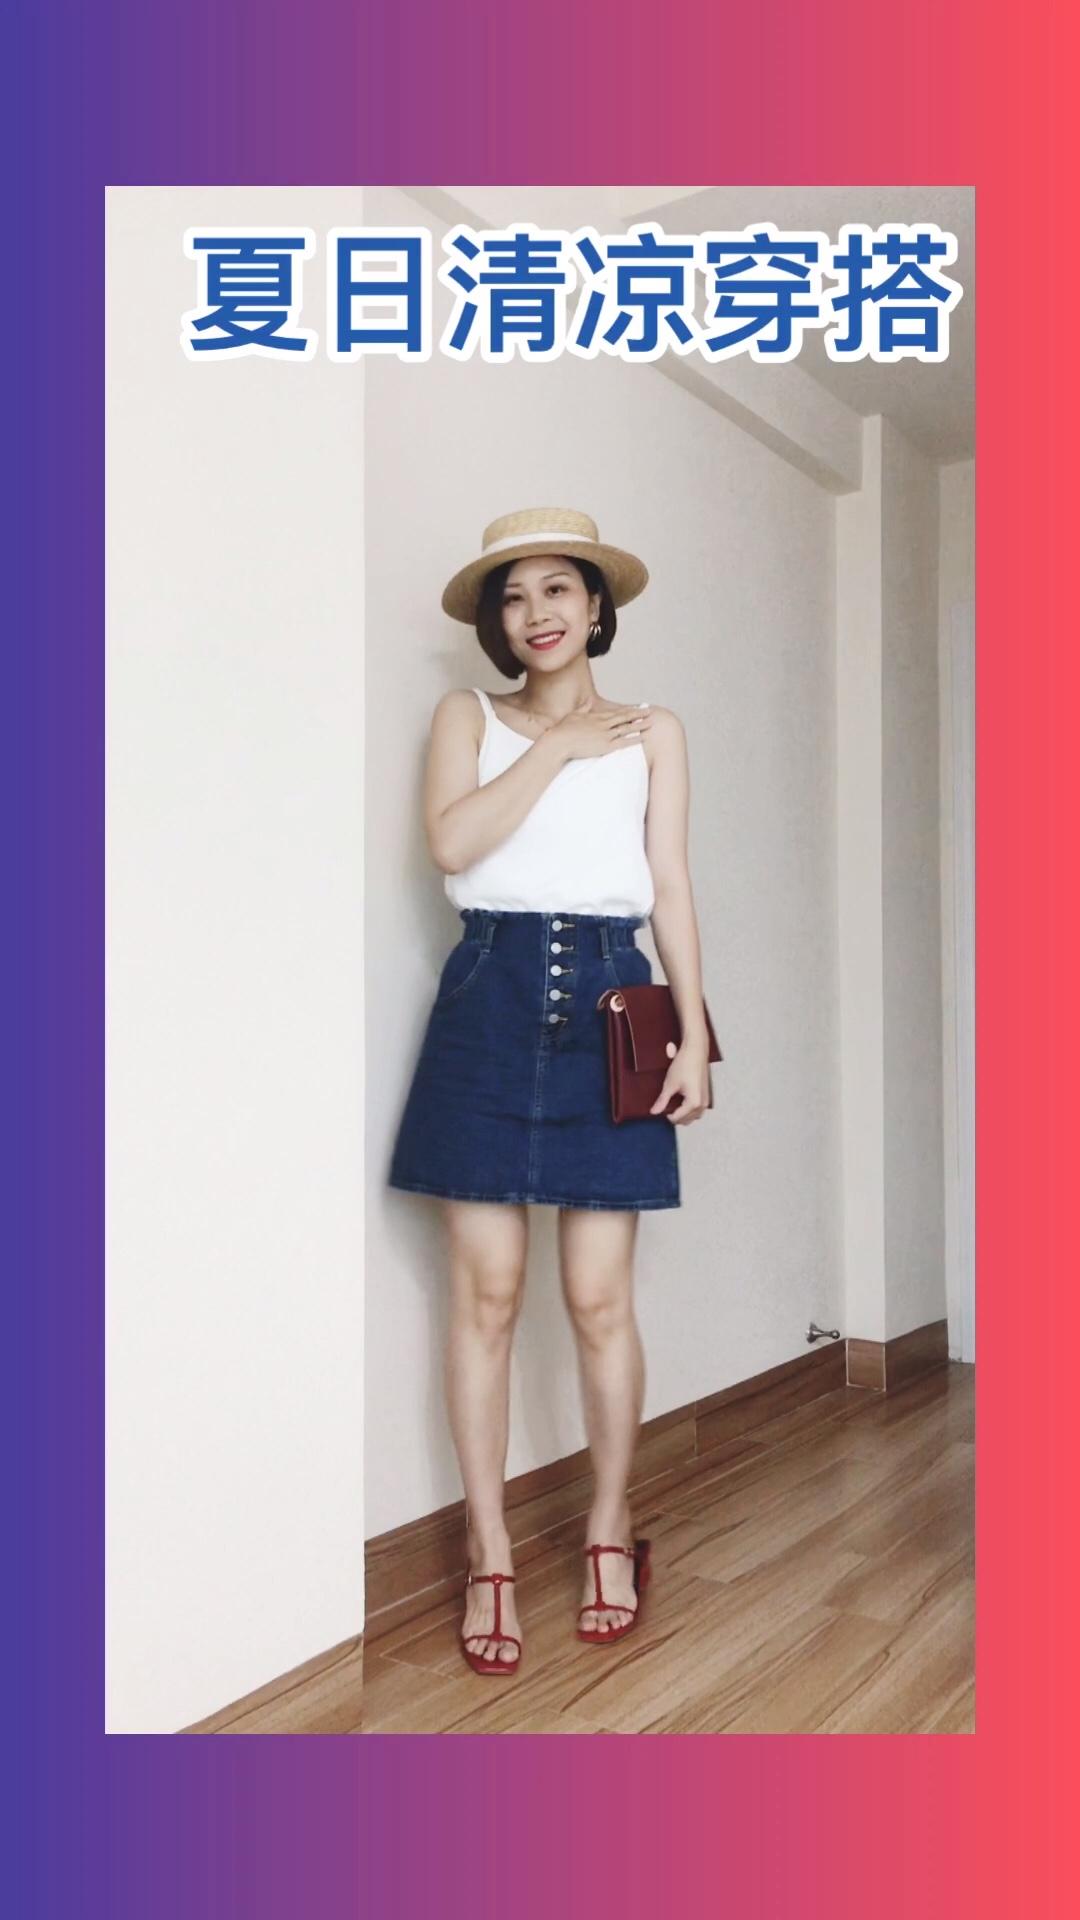 #炎夏宜恋爱,穿衣宜裙纸~# 这件小白色吊带特别适合夏天凉爽。 搭配蓝色牛仔半裙特别显瘦。 看起来简单,但是却很有气质。